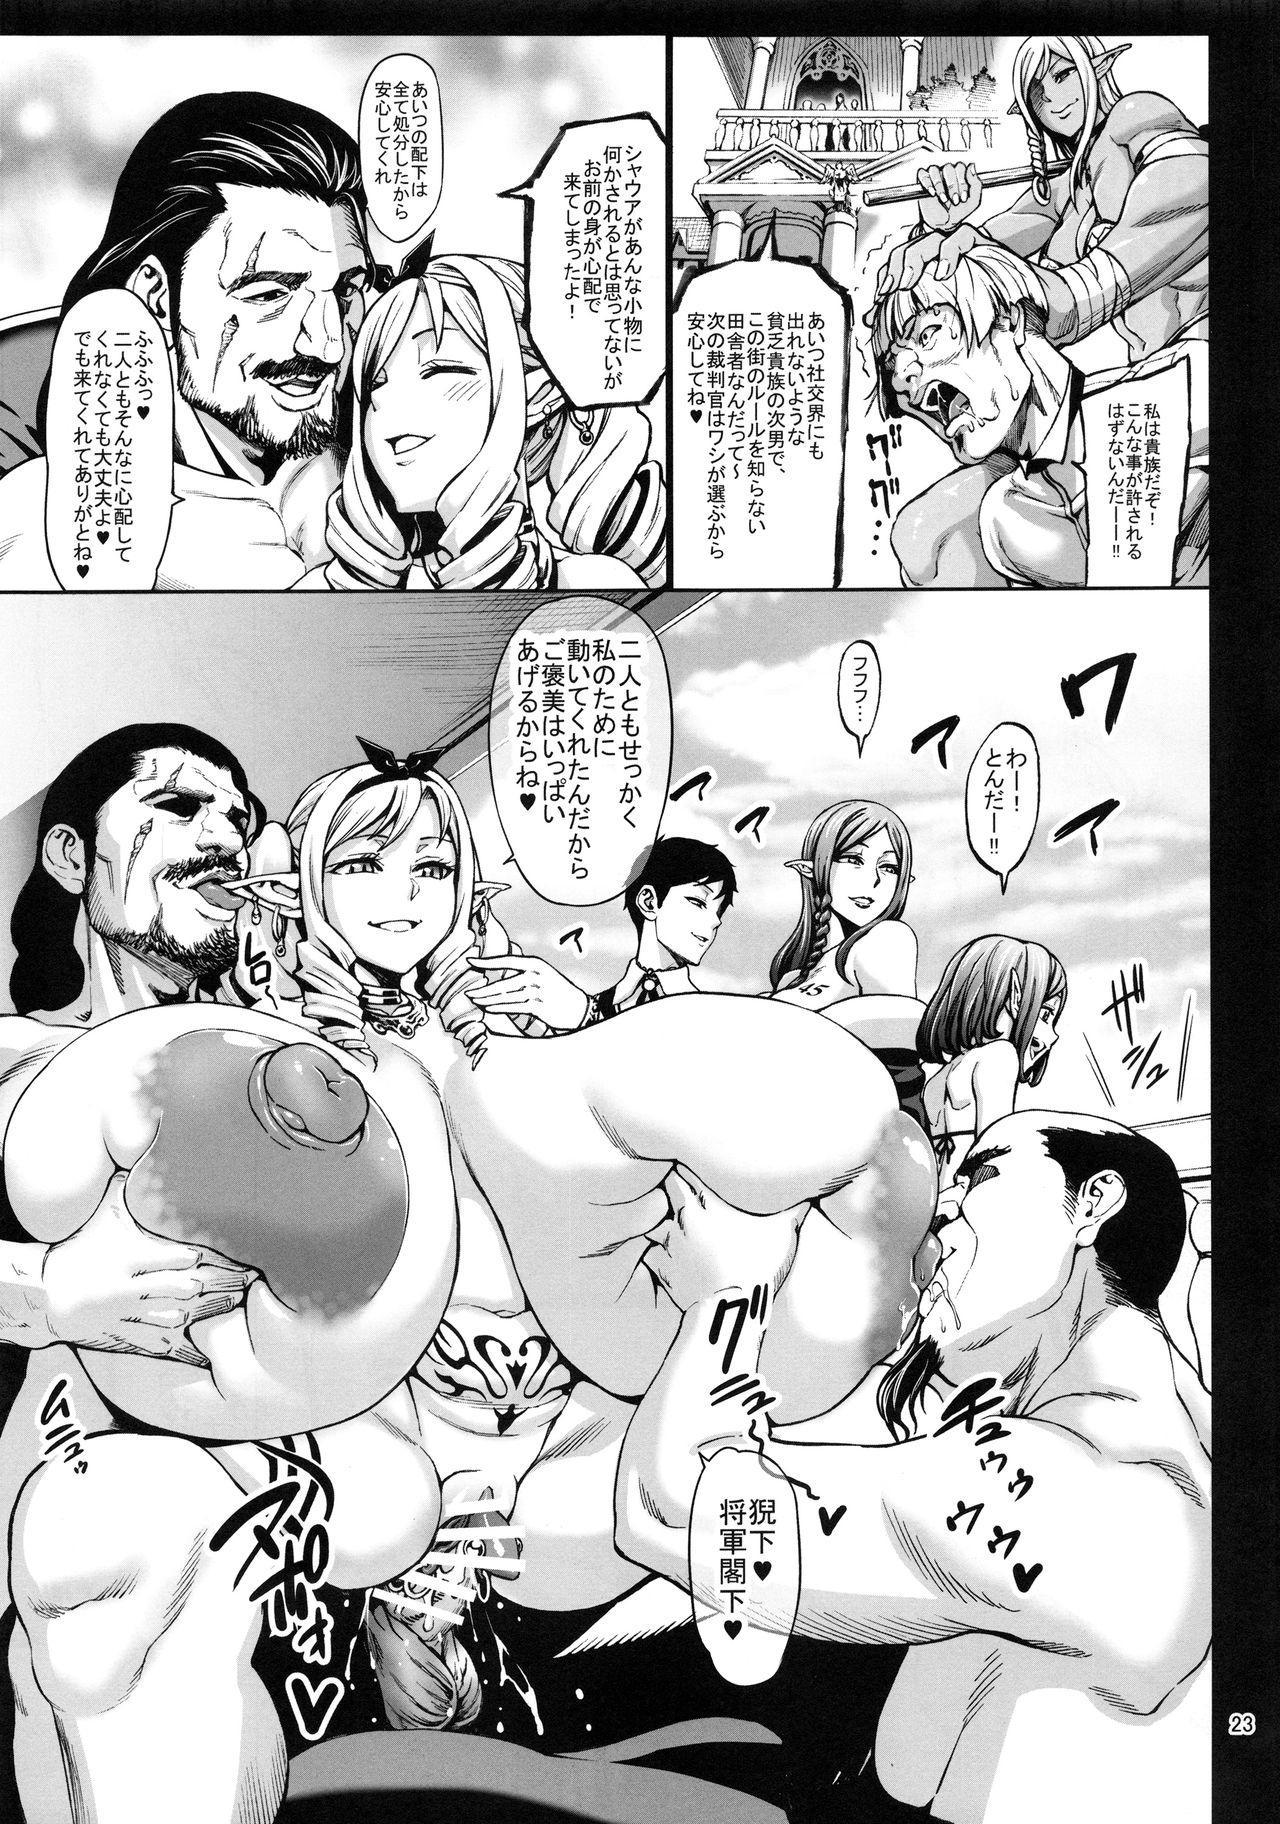 Houjou no Reizoku Elf 5 + Omake no Matome Sono 2 23